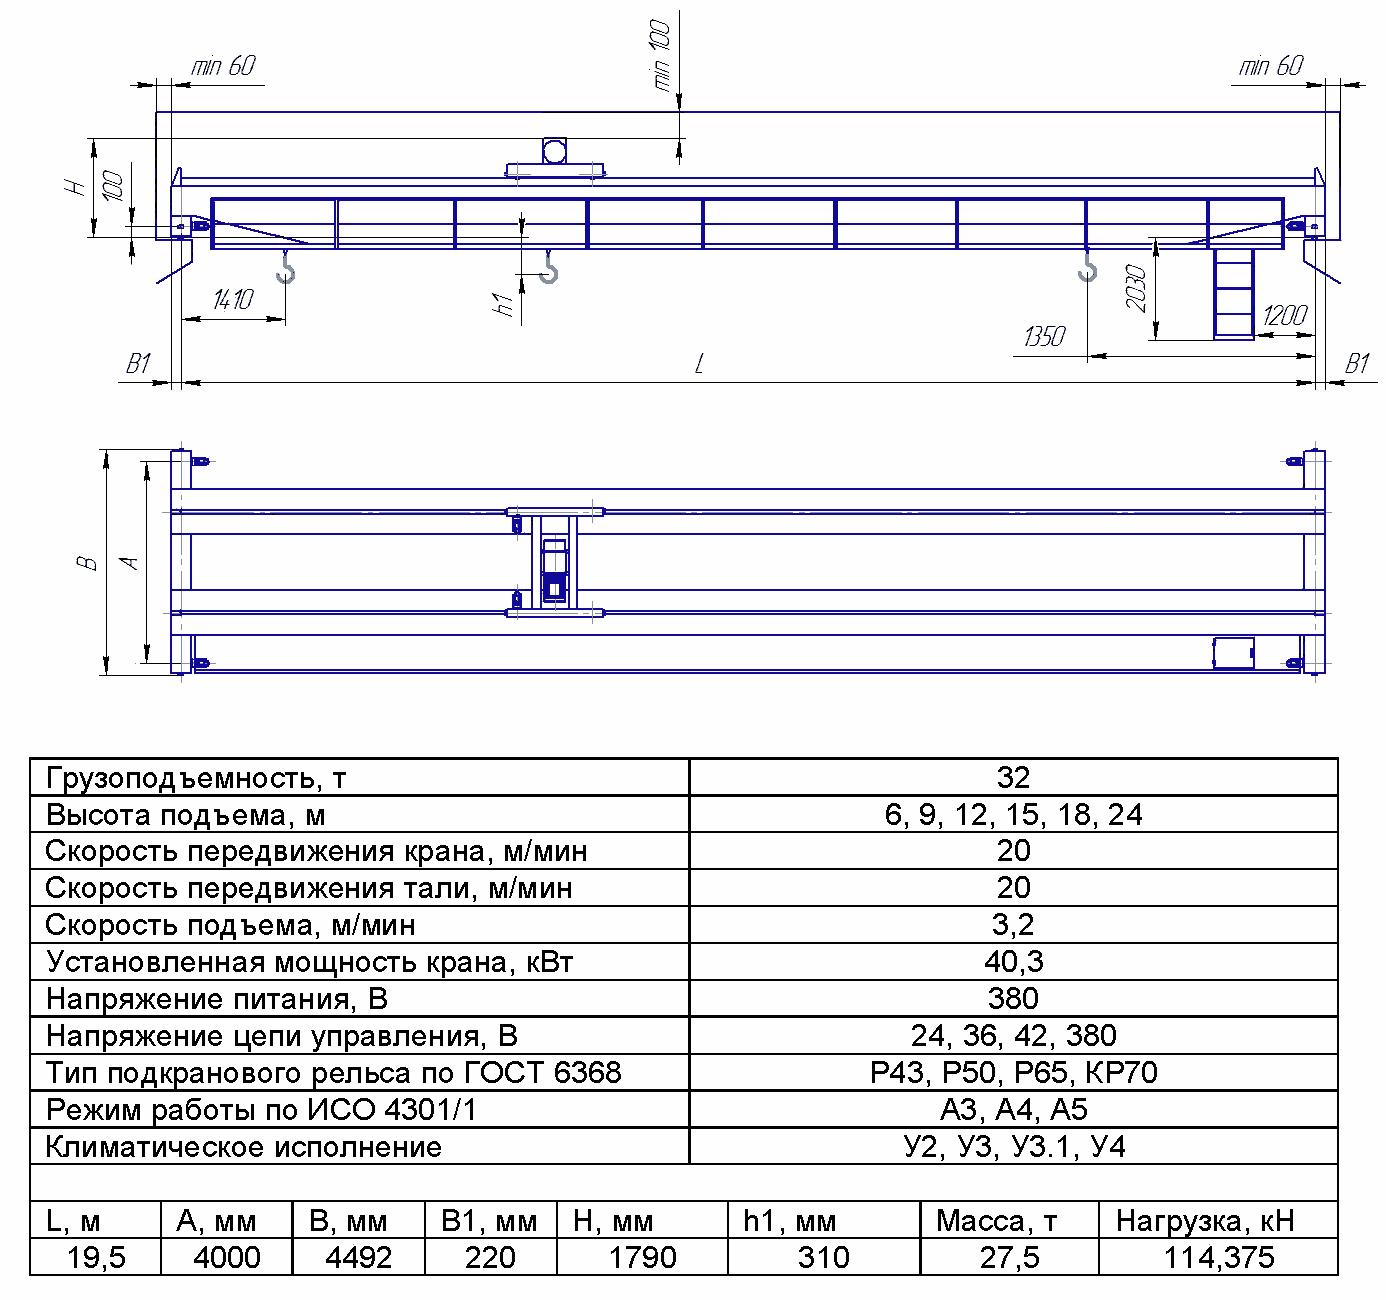 KMON 7 4 - Опорный мостовой кран общего назначения